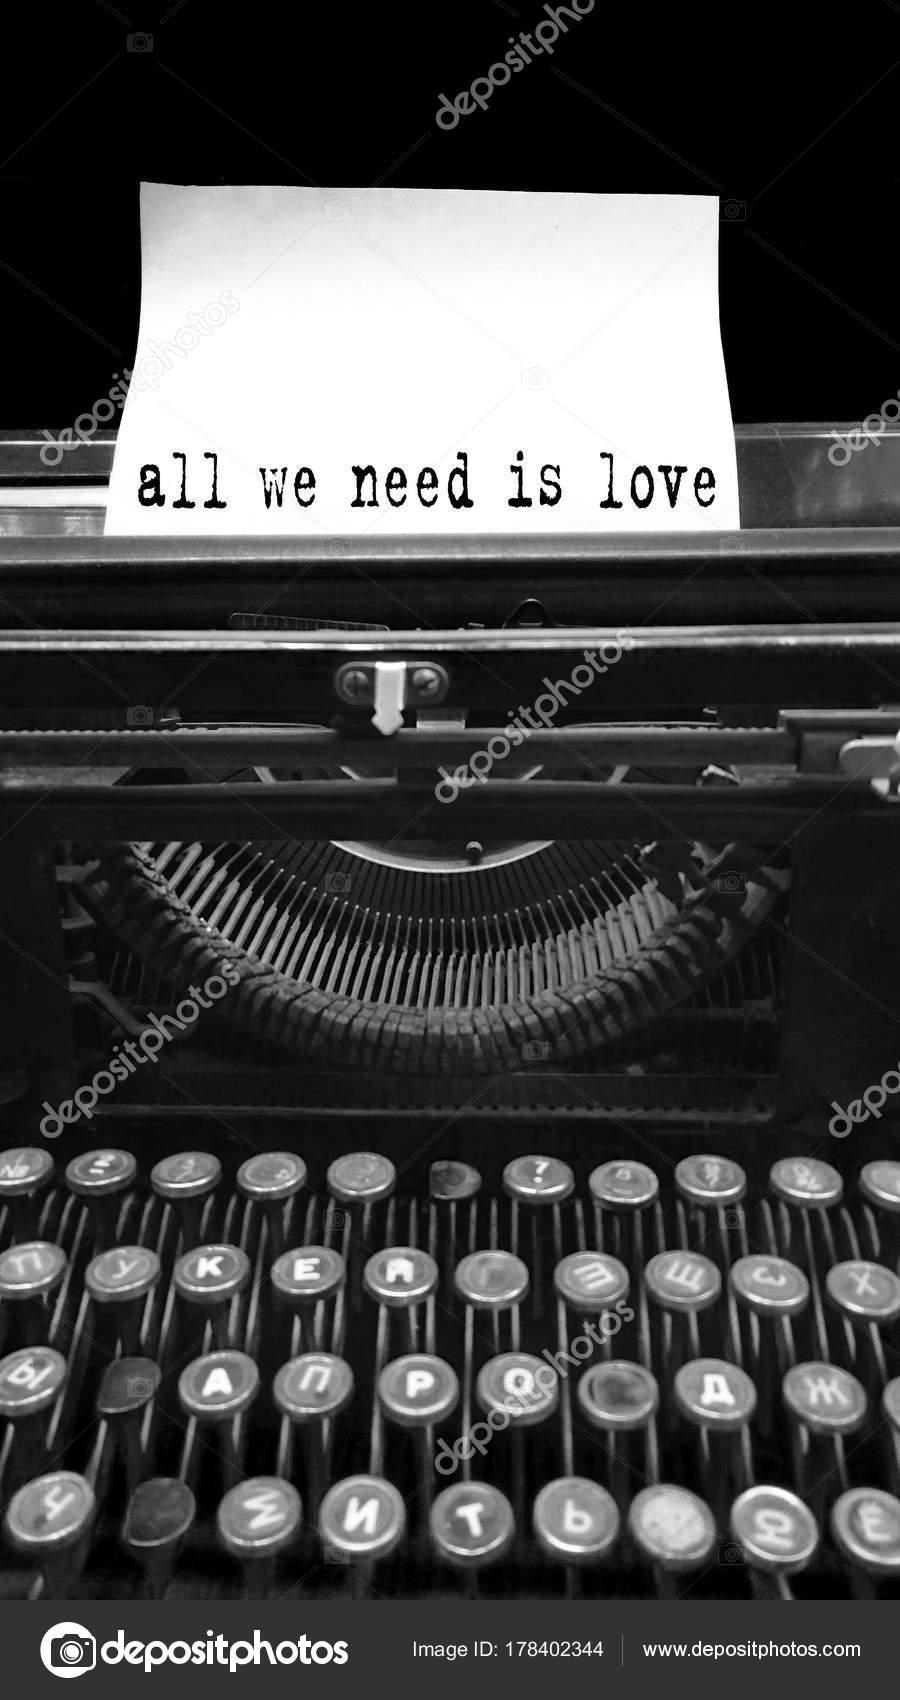 Imagenes Descargar Haciendo El Amor Con Frases Todo Que